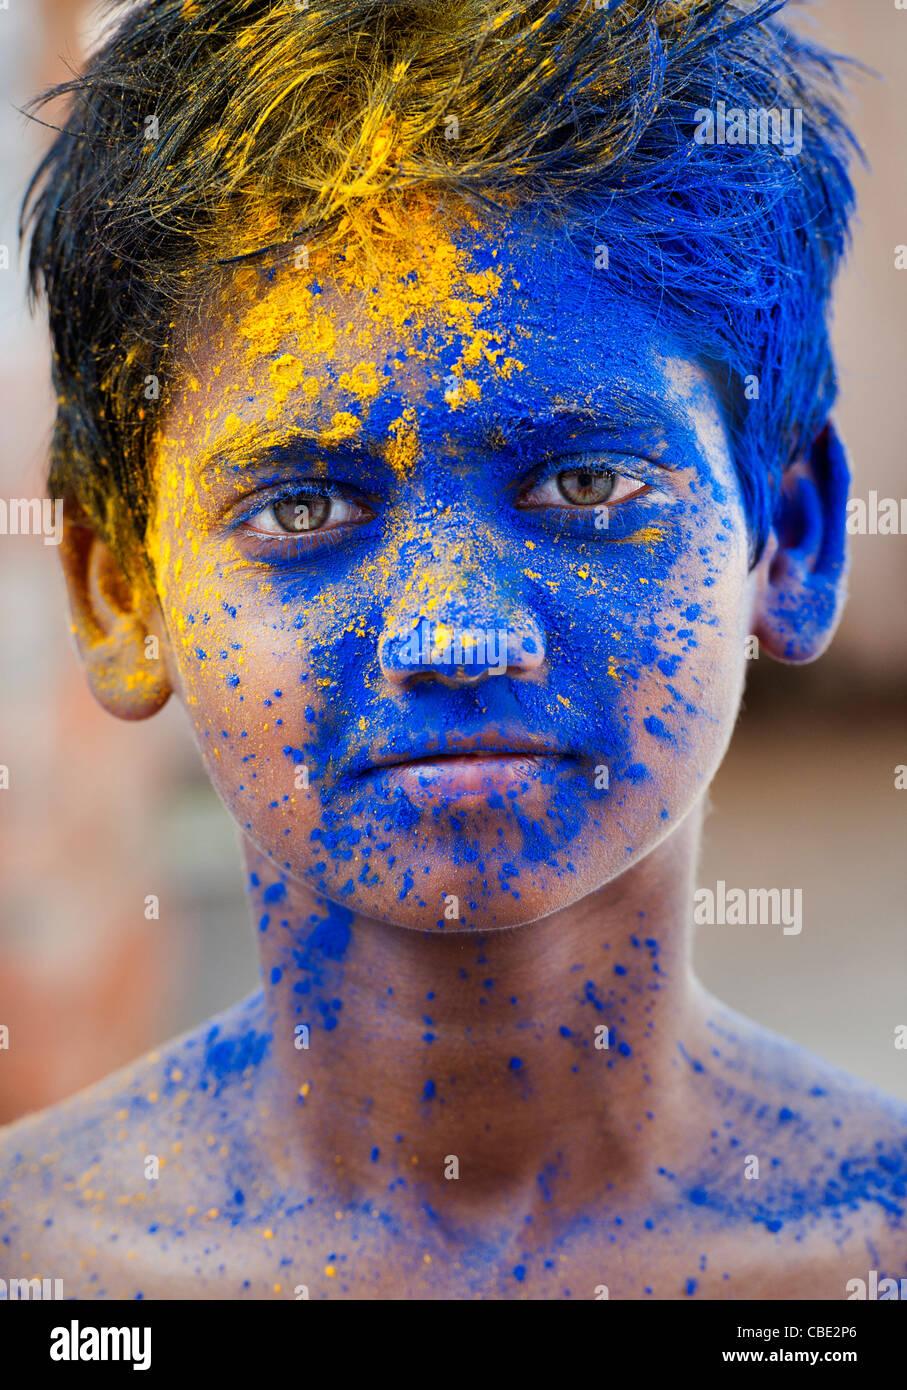 Giovane ragazzo indiano coperto di polvere colorata pigmento Immagini Stock